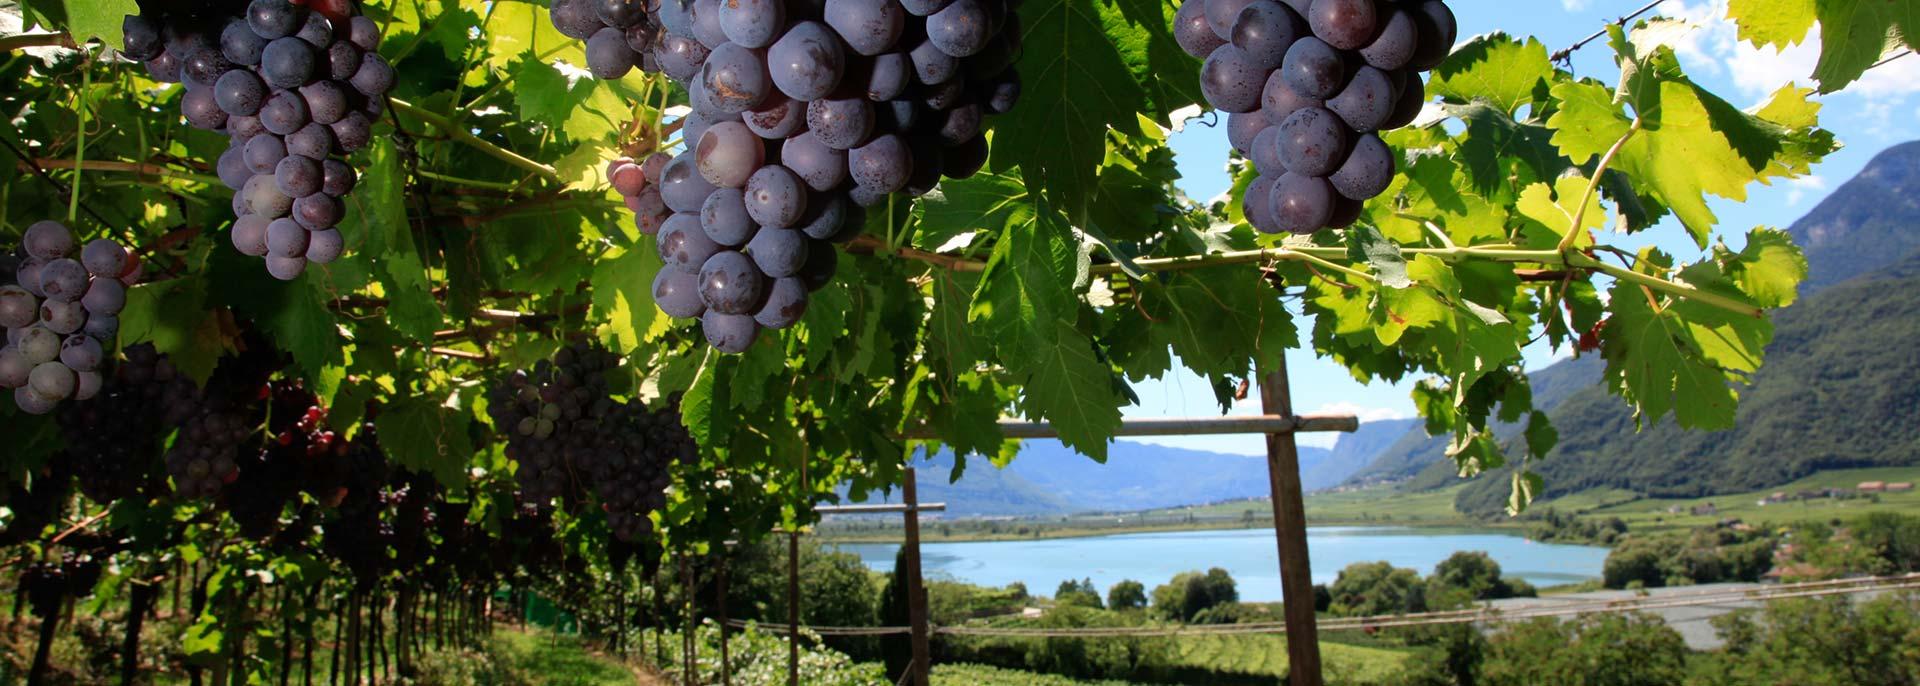 Südtirol Urlaub in den Weinbergen: im Weinhotel direkt am Kalterer See